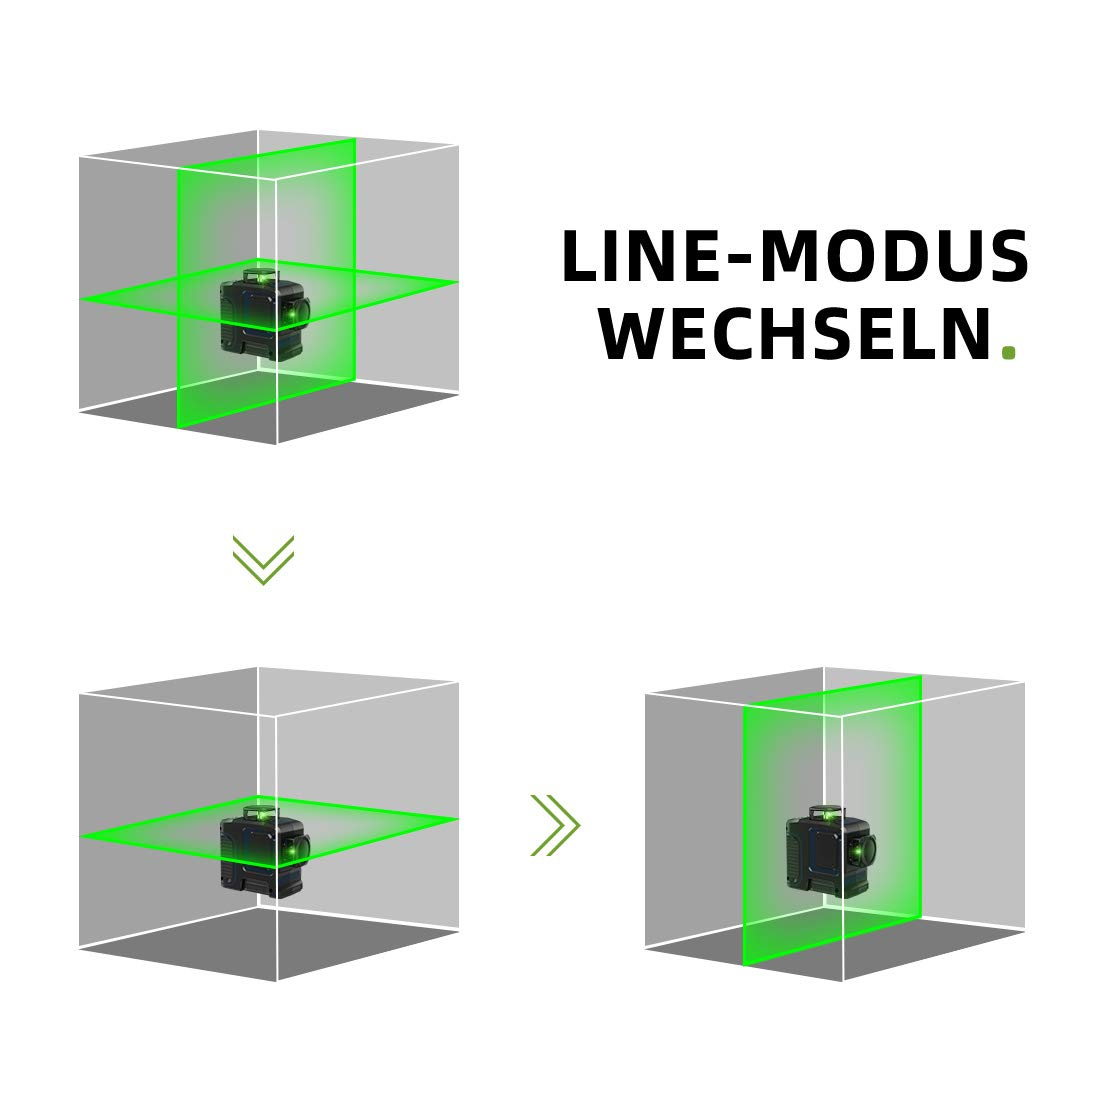 Kreuzlinienlaser Gr/ün Akku Kreuzlinienlaser 3 x 360/° Grad Linienlaser Selbstnivellierenden Laser Level mit Pulsfunktion Kreuzlinien-Nivellierwerkzeug inkl Magnetische Halterung